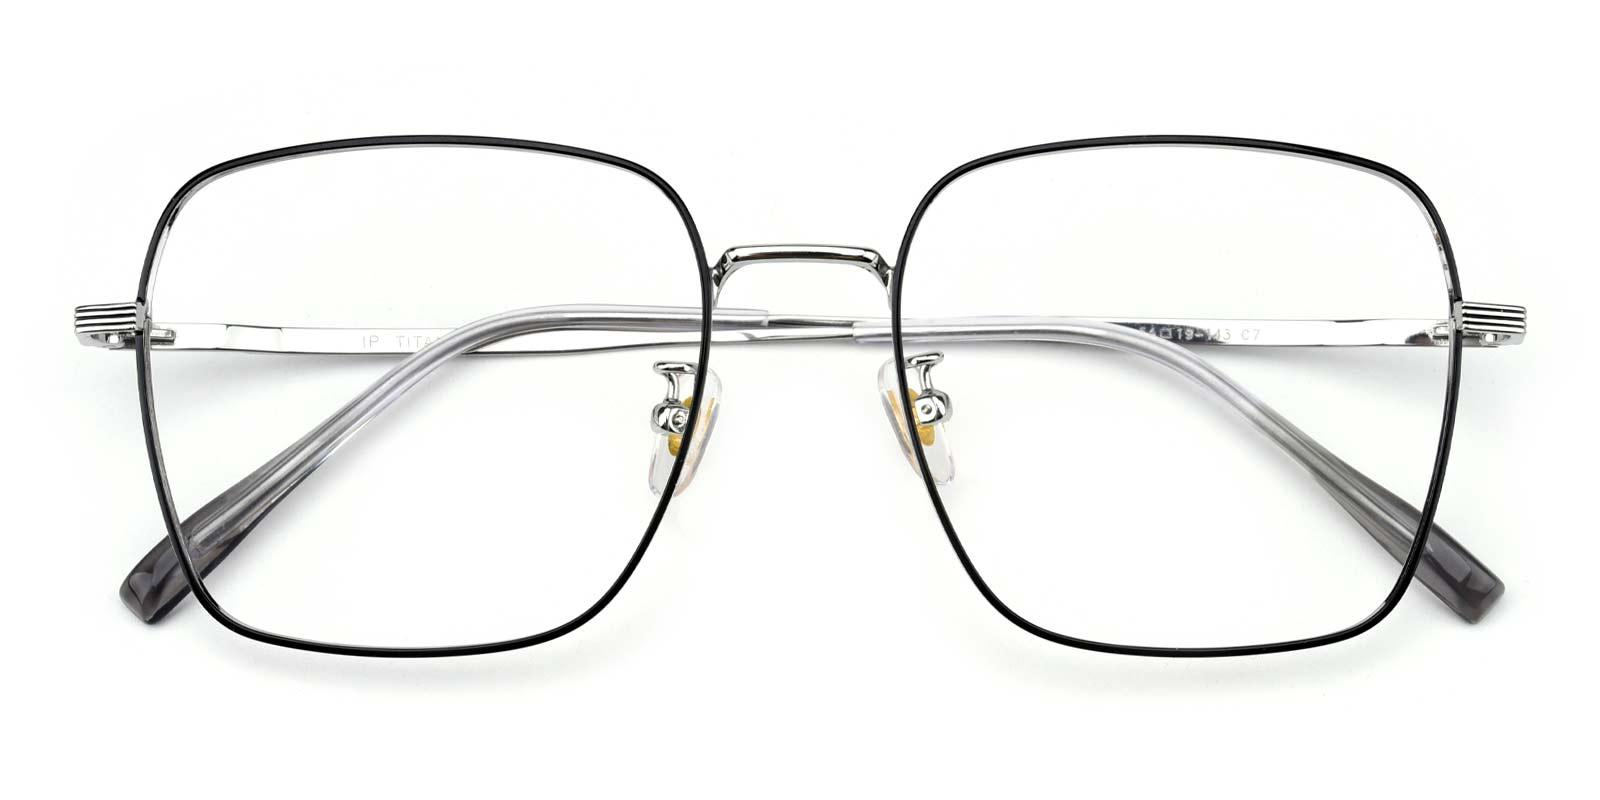 Joa-Black-Square-Titanium-Eyeglasses-detail